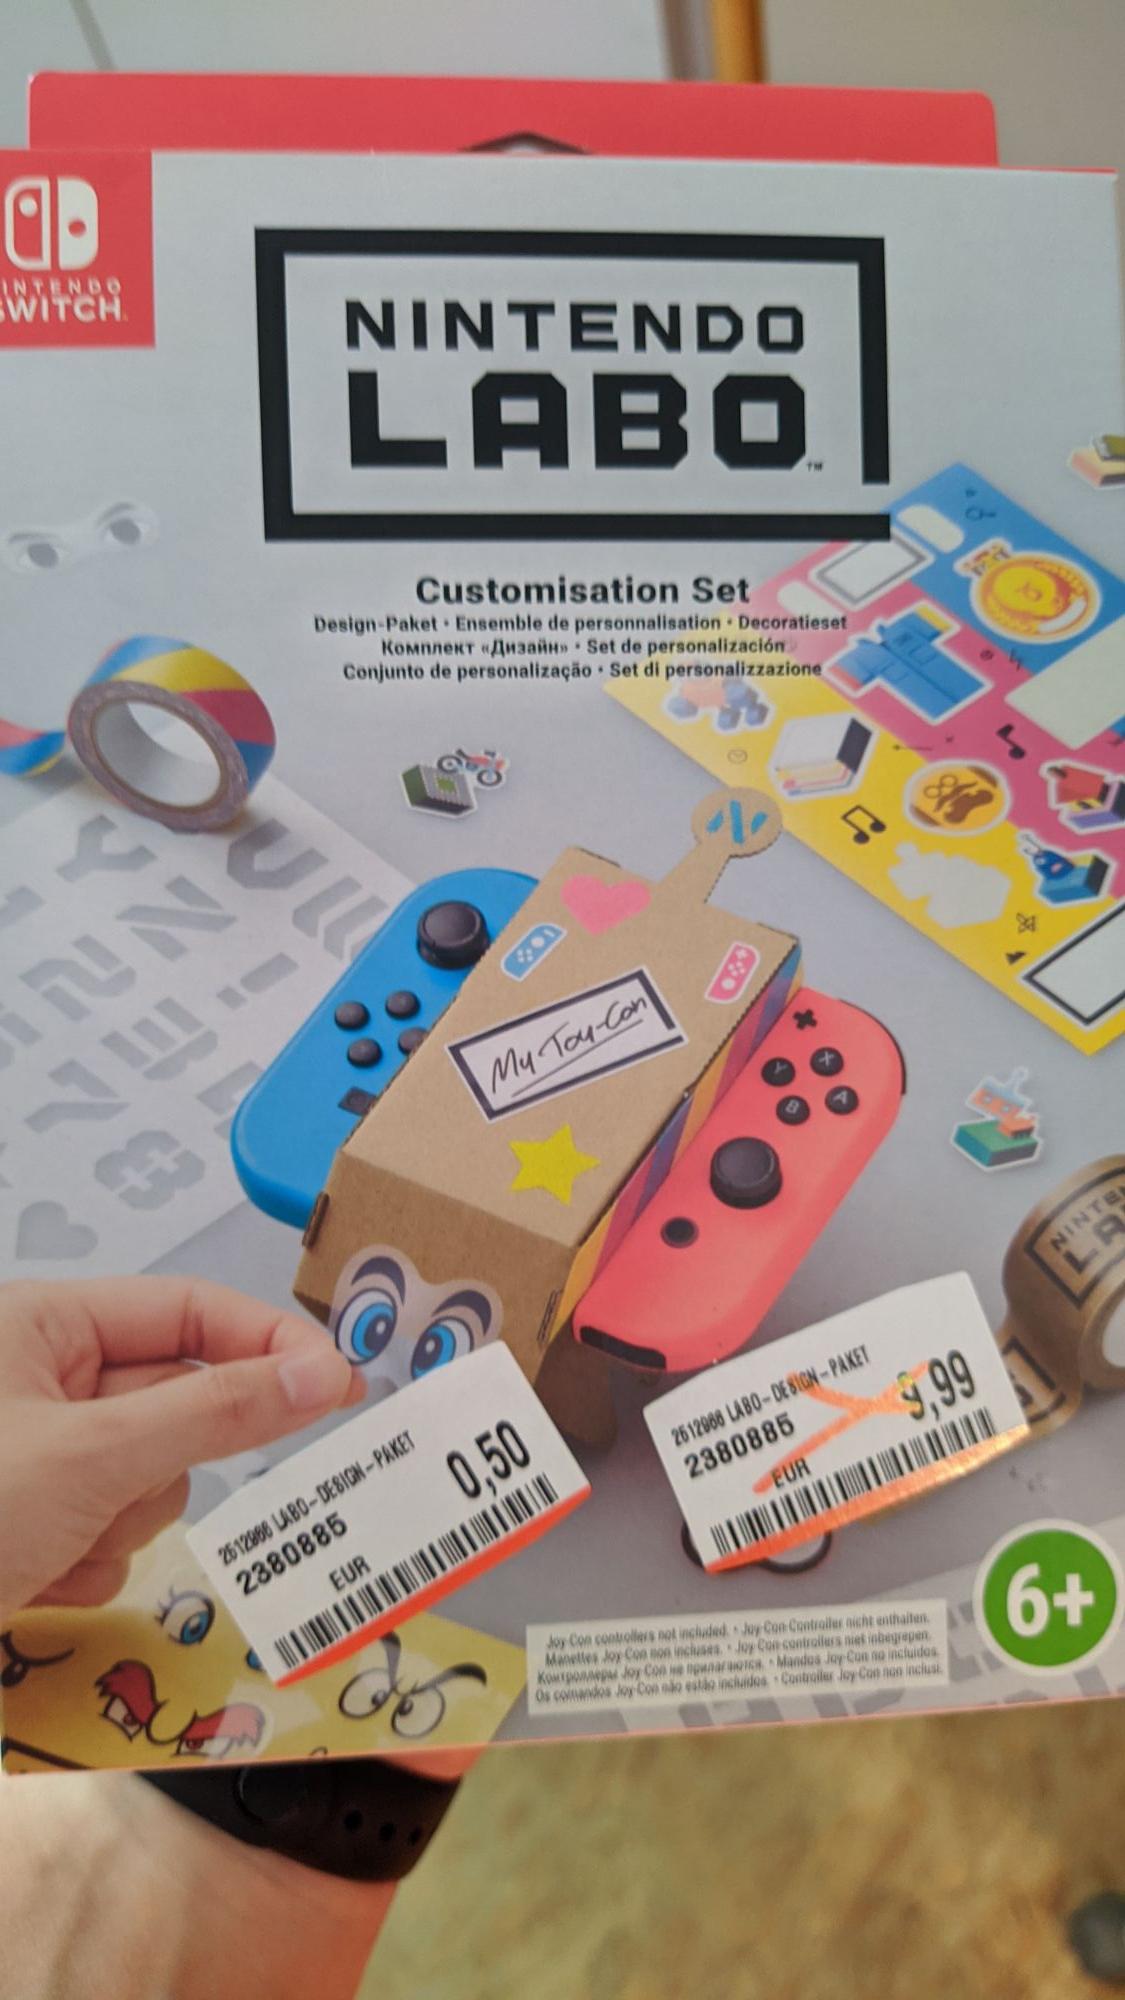 Mediamarkt Straubing NINTENDO Labo: Design-Paket, Nintendo Switch Sticker